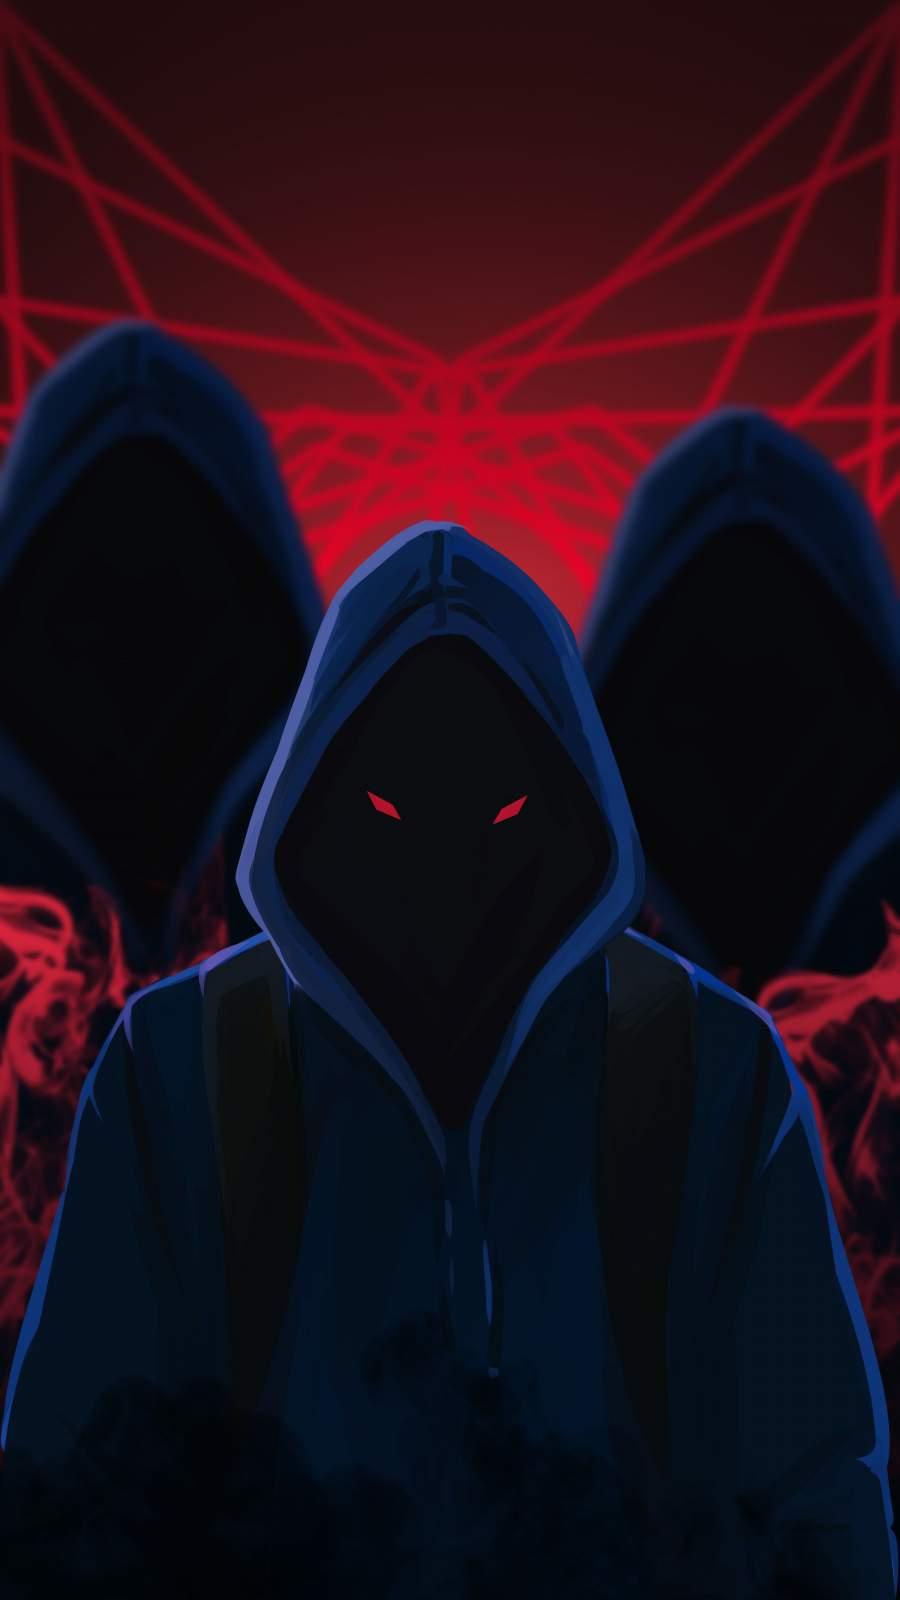 Hoodie Monsters iPhone Wallpaper